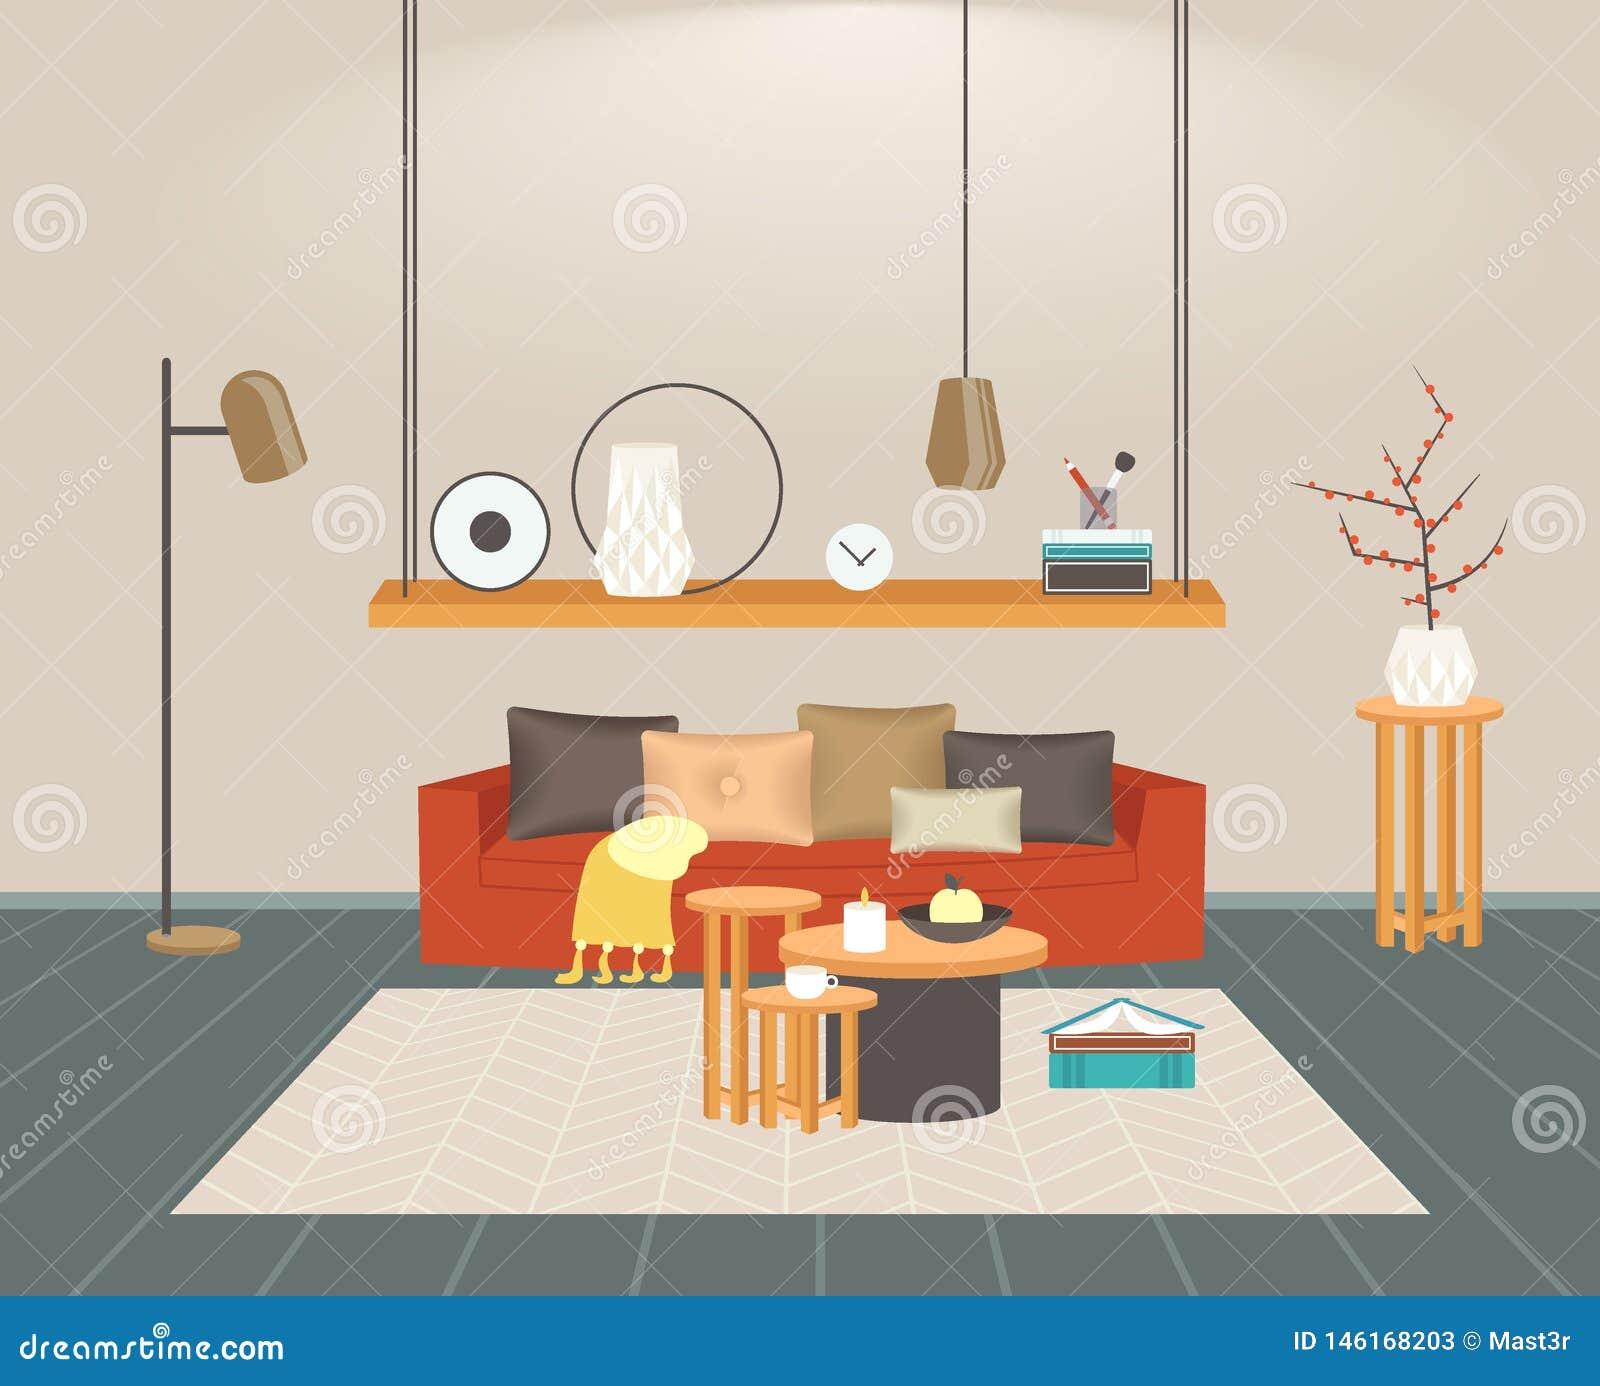 Innenleeres des zeitgen?ssischen Wohnzimmers kein moderner Wohnungshauptentwurf der Leute flach horizontal